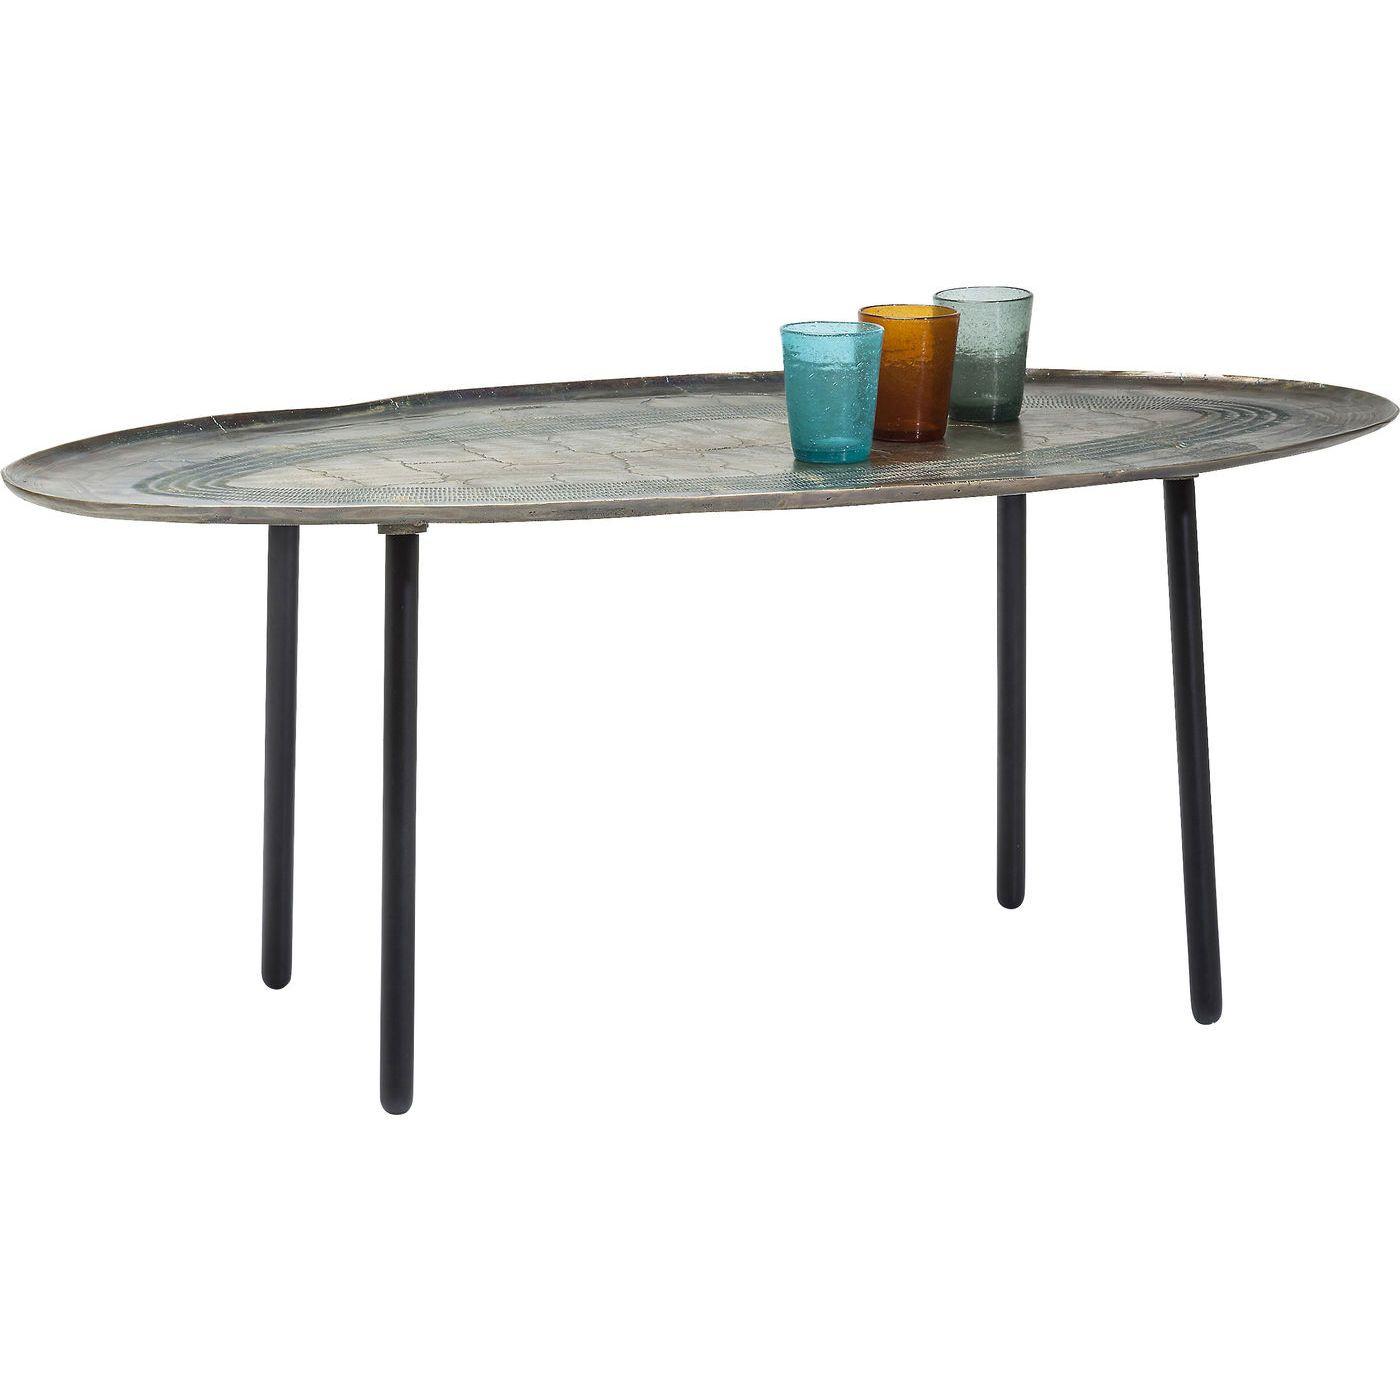 Ovales Vintage Retro Design Der Tisch Berzeugt Durch Seine Metallische Beschichtung Aus Messing Und Ovalen